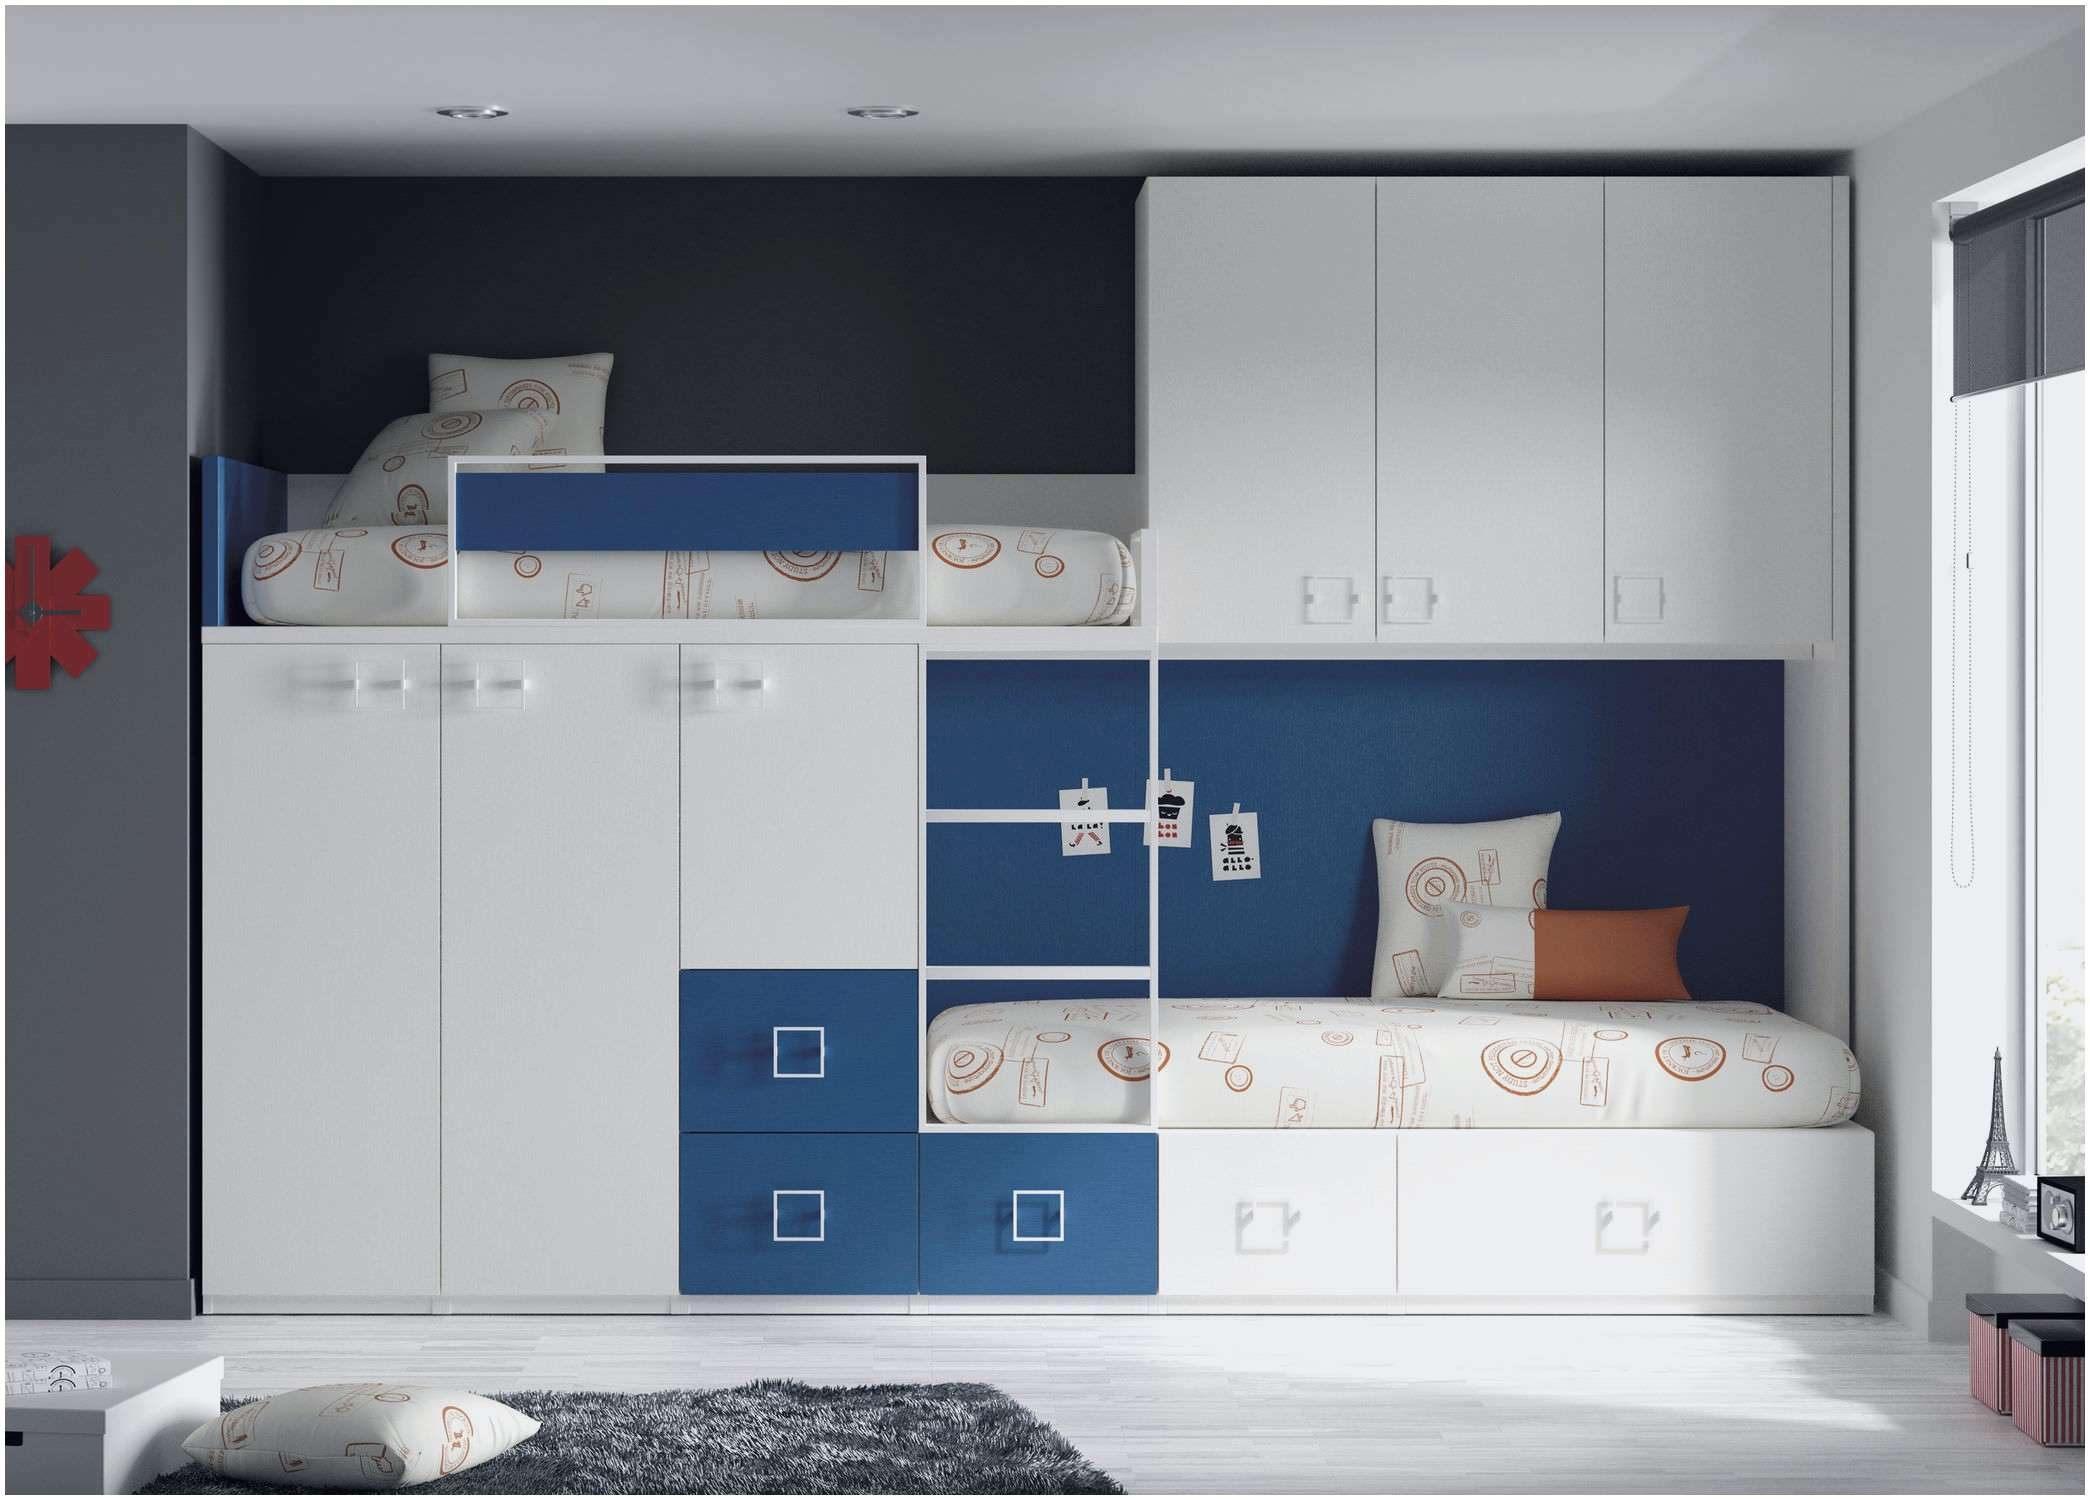 Lit Superposé Fer Agréable Frais Lit Mezzanine Ikea 2 Places Pour Alternative Lit Superposé